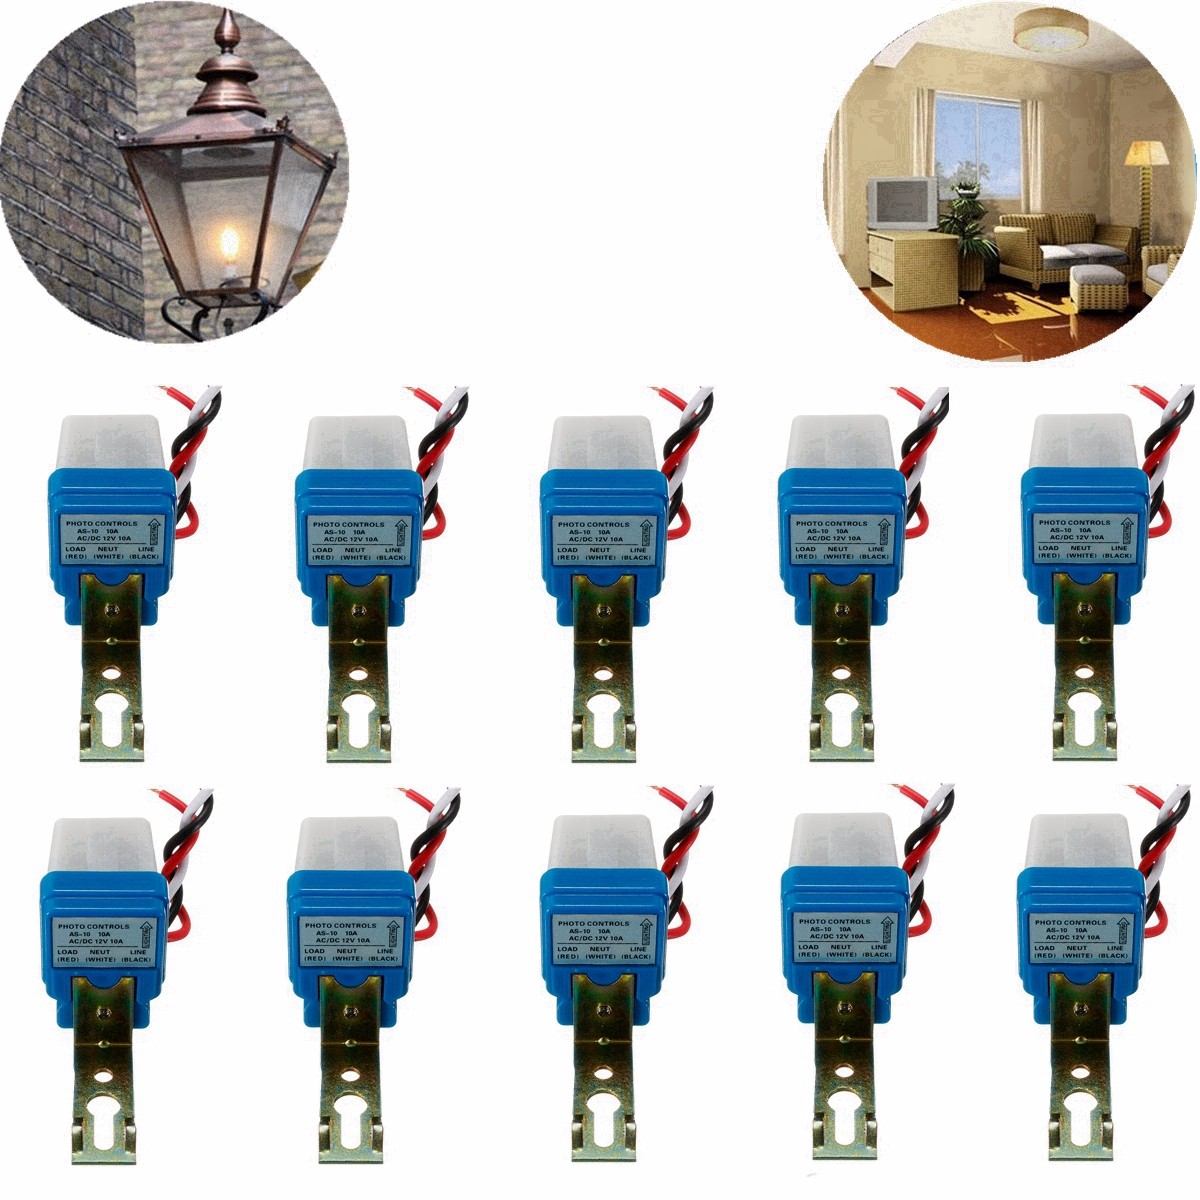 цена на 10 pcs Automatic Auto On Off Photocell street Light Switch Photo Control Photoswitch Sensor Switch DC AC 12V 10A